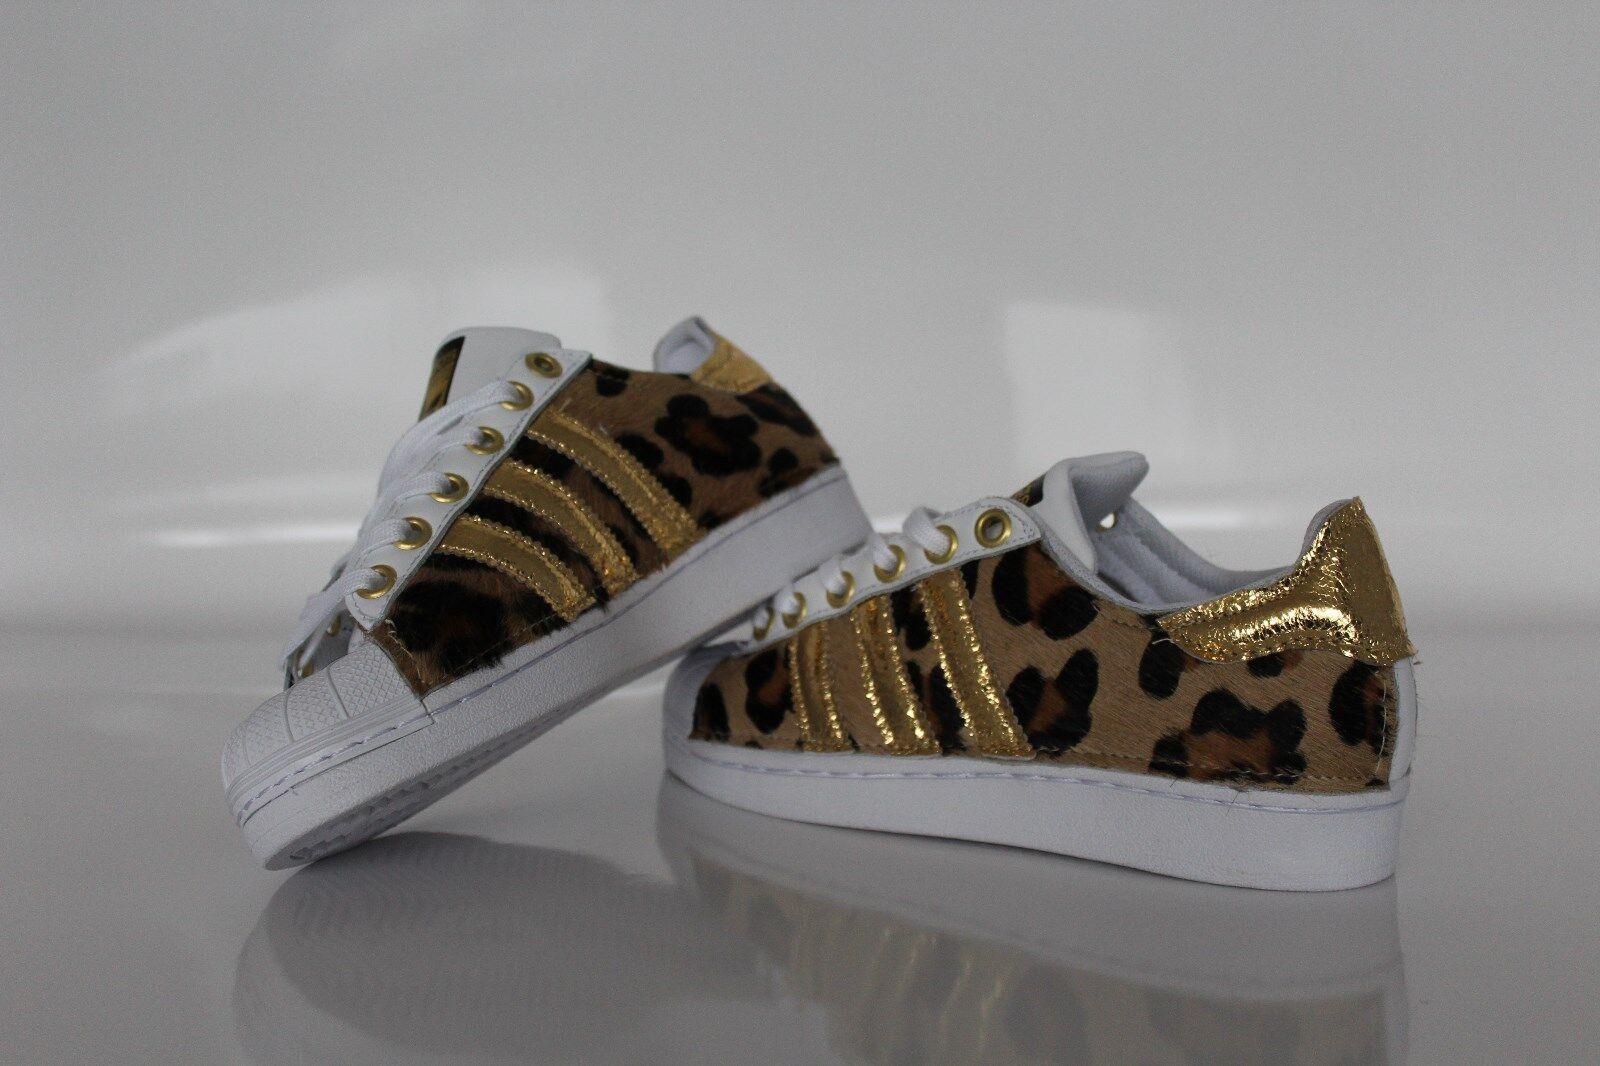 scarpe con adidas super star con scarpe cavallino maculato e oro 3e07ed